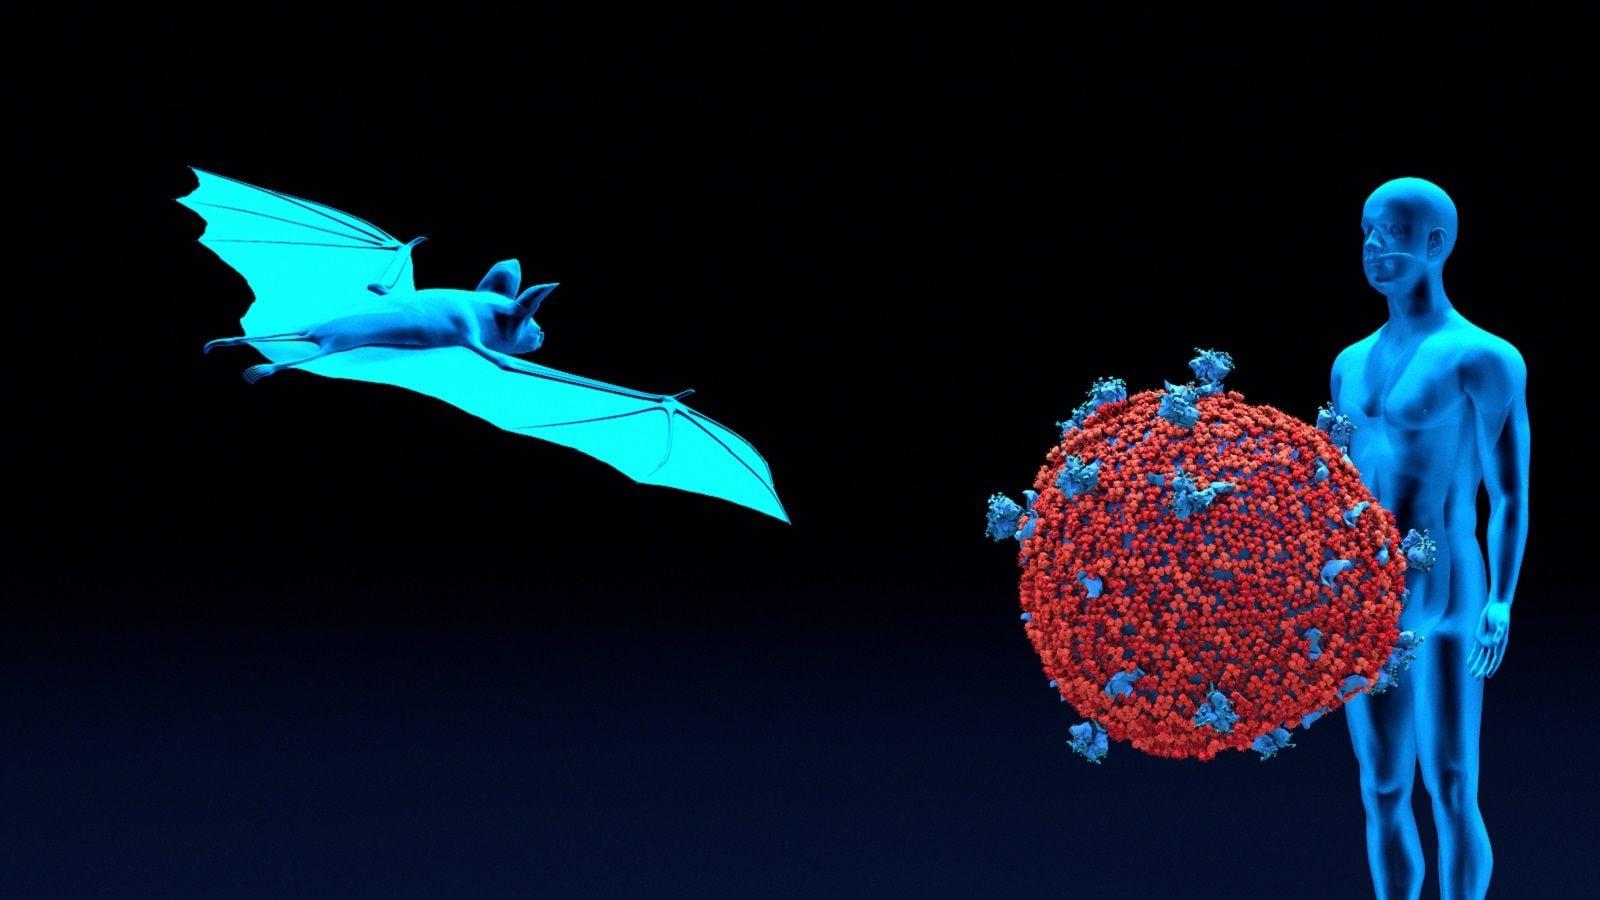 ウィルス の コロナ 由来 名前 新型コロナウイルスの症状は、かくして「COVID